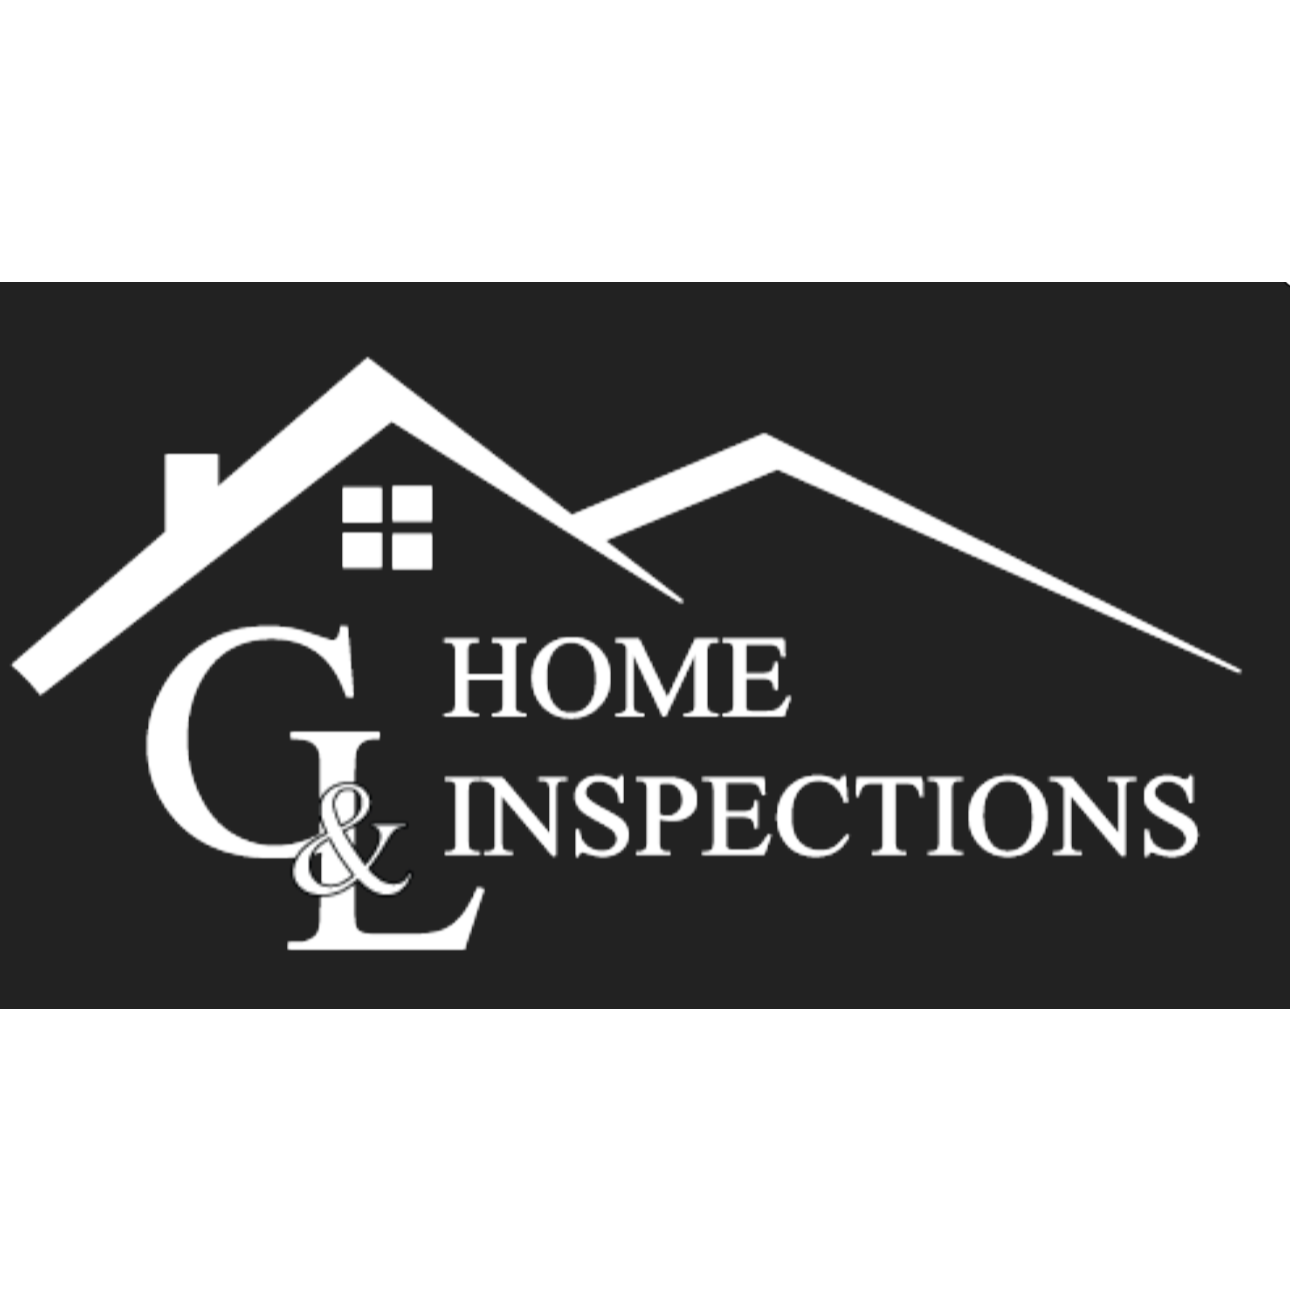 G&L Home Inspections - Scottsdale, AZ 85262 - (480)882-0950 | ShowMeLocal.com